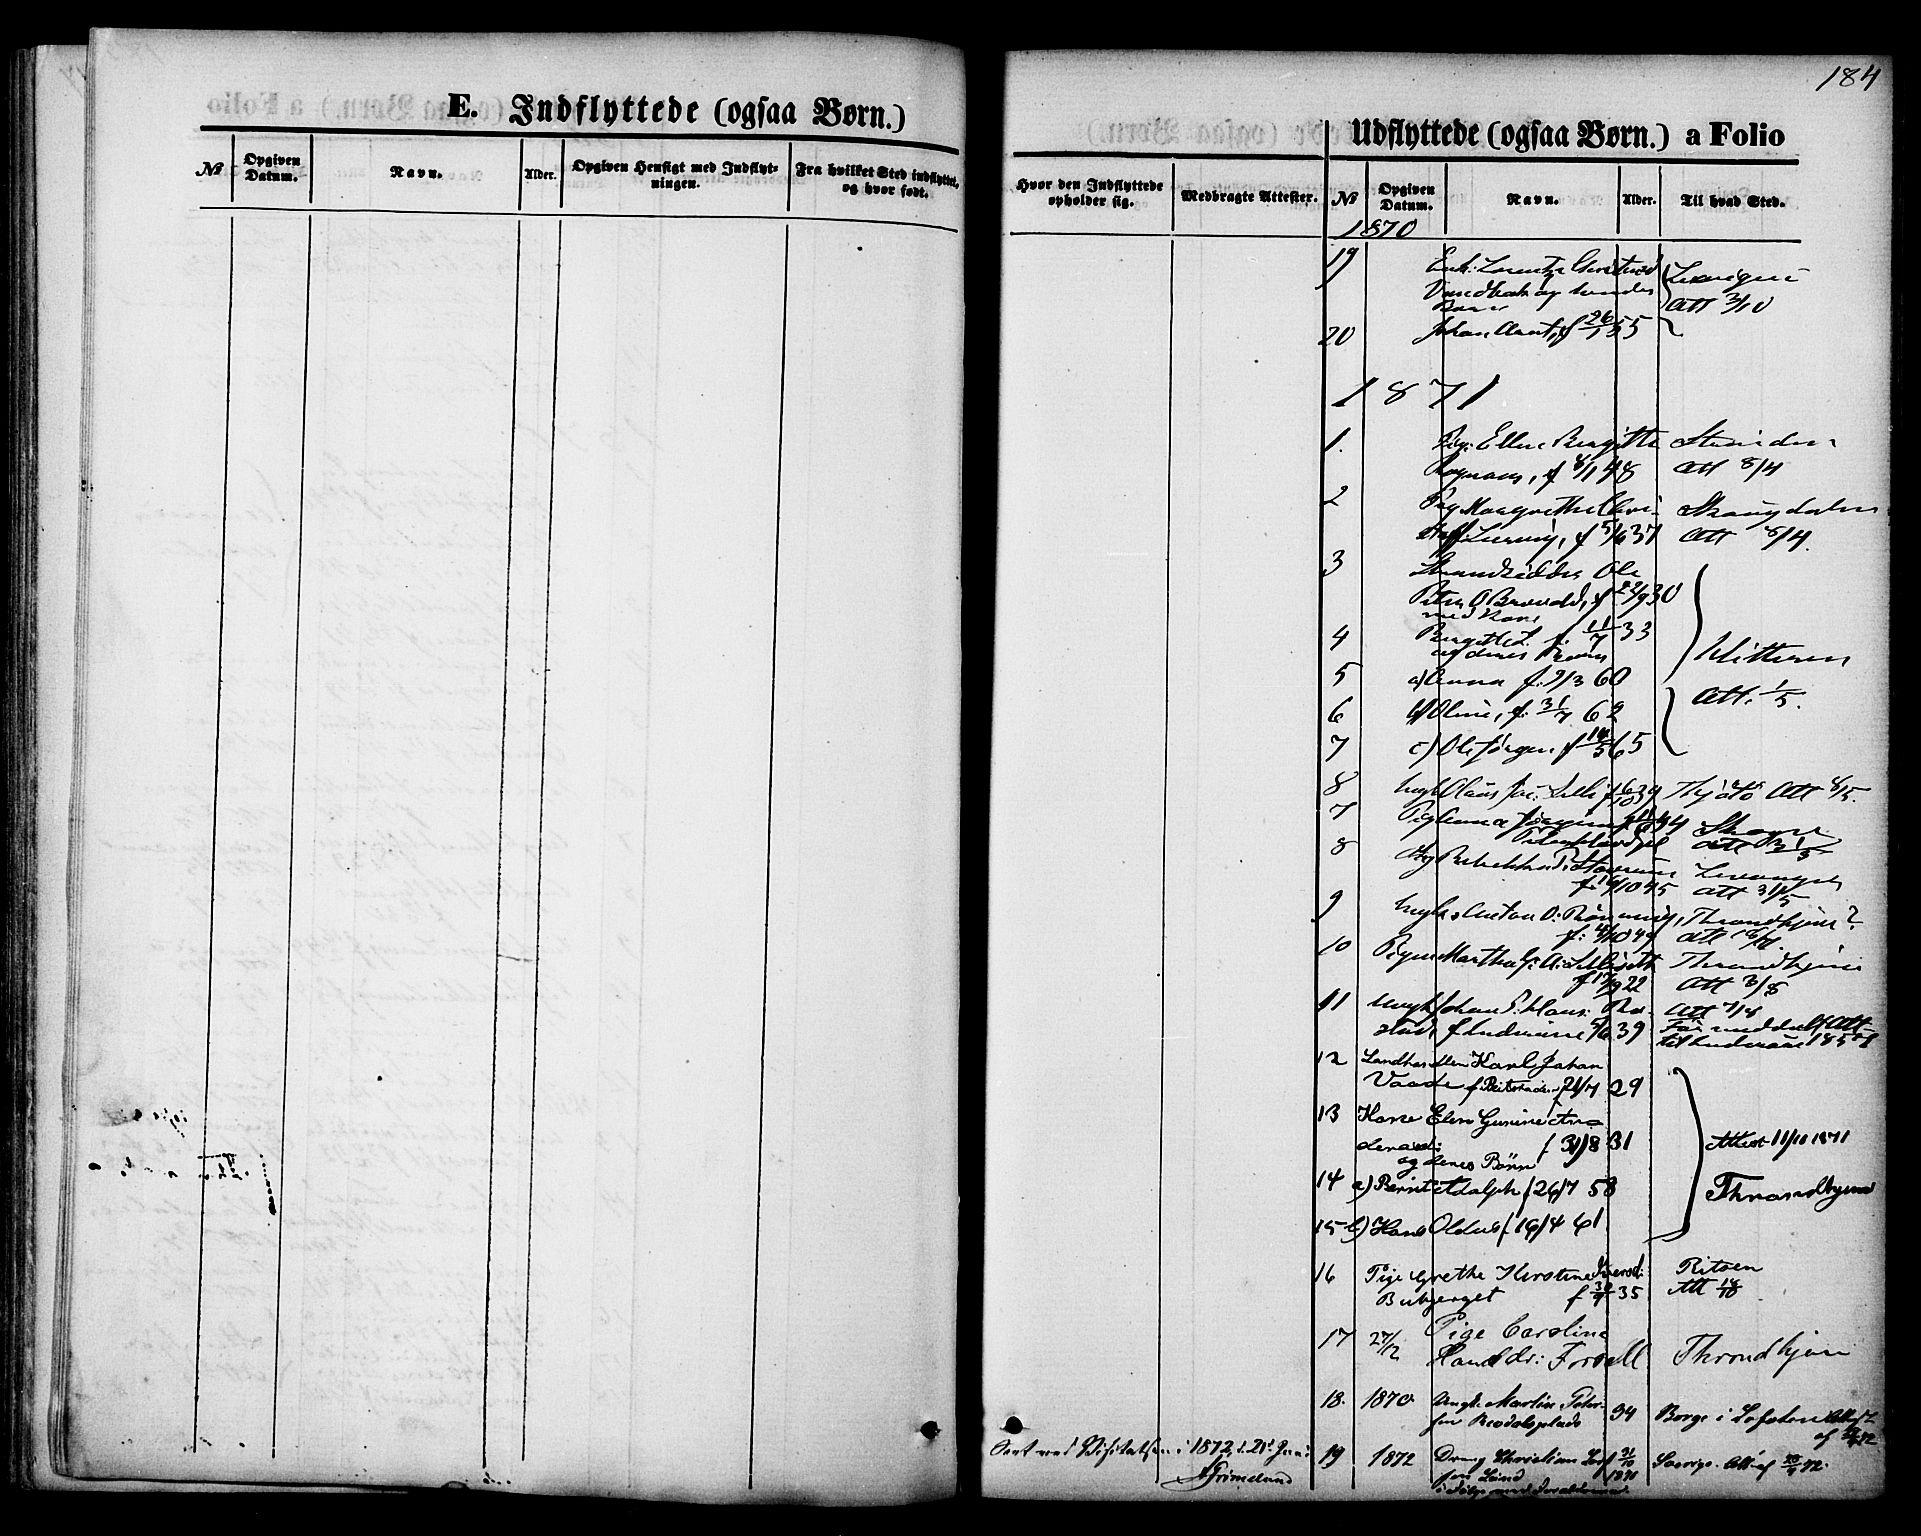 SAT, Ministerialprotokoller, klokkerbøker og fødselsregistre - Nord-Trøndelag, 744/L0419: Ministerialbok nr. 744A03, 1867-1881, s. 184